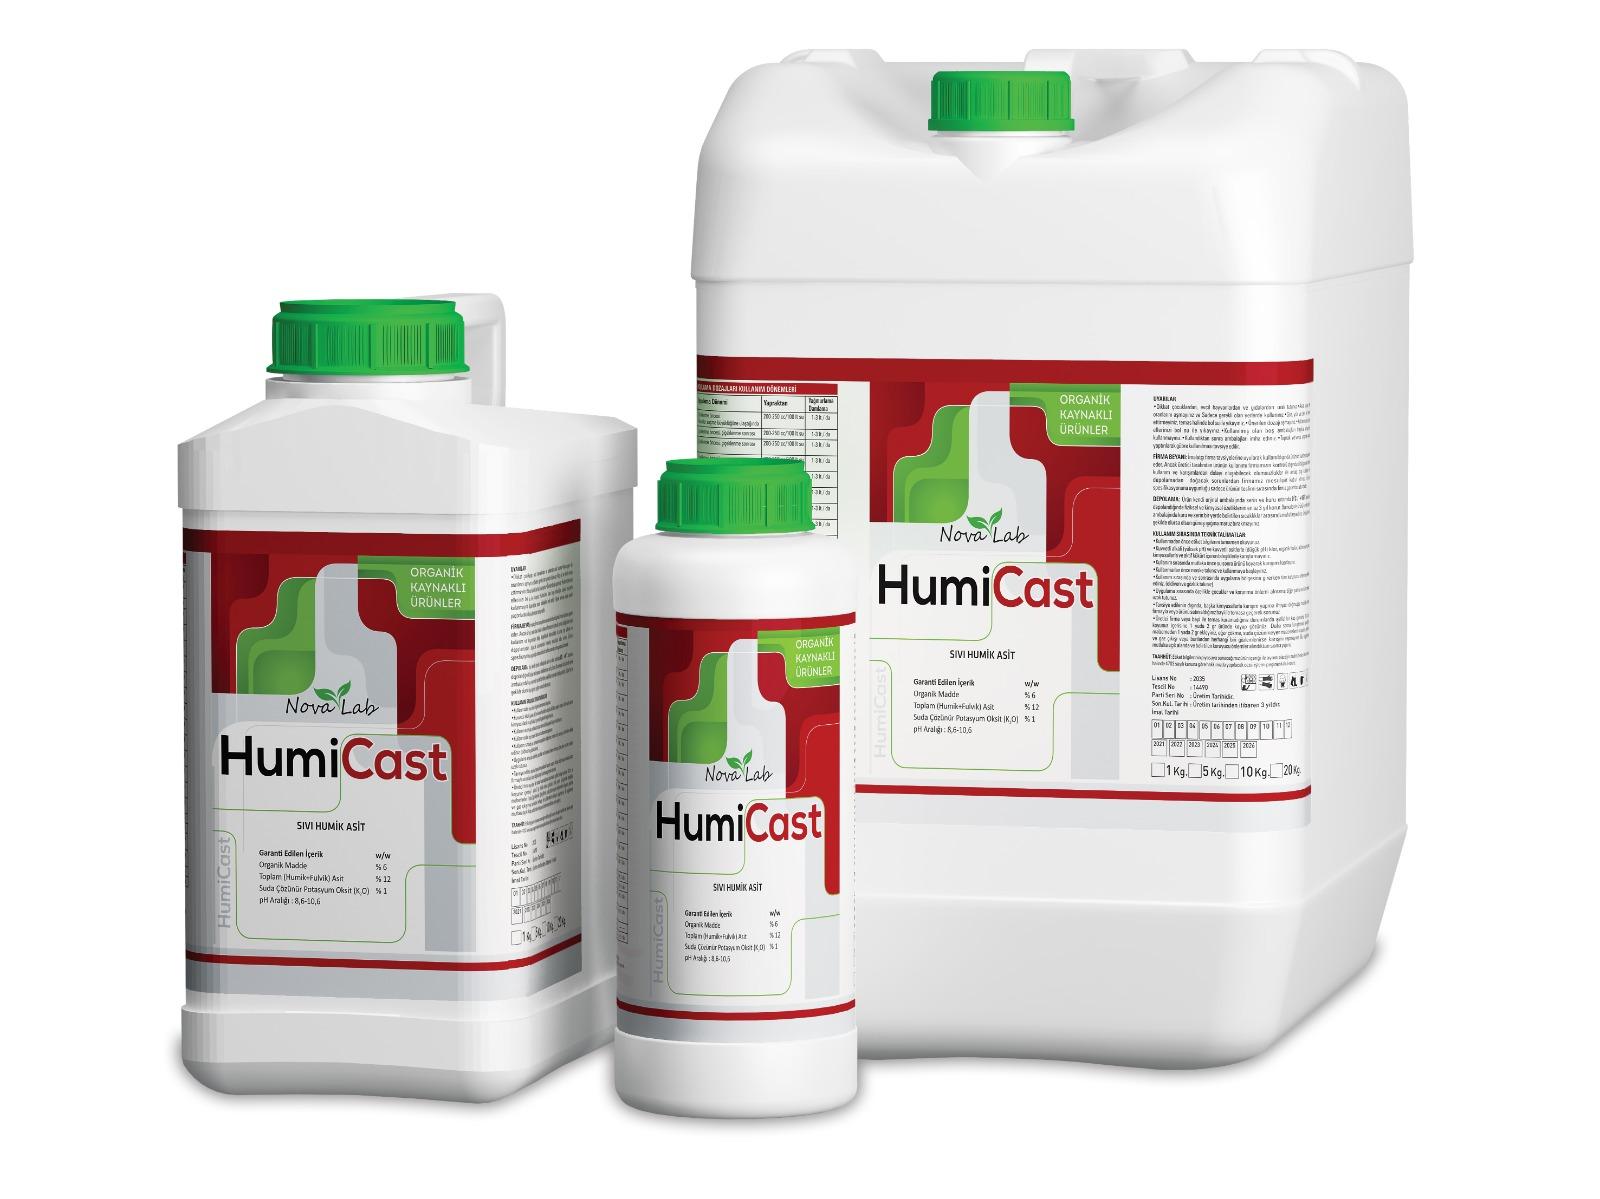 HumiCast